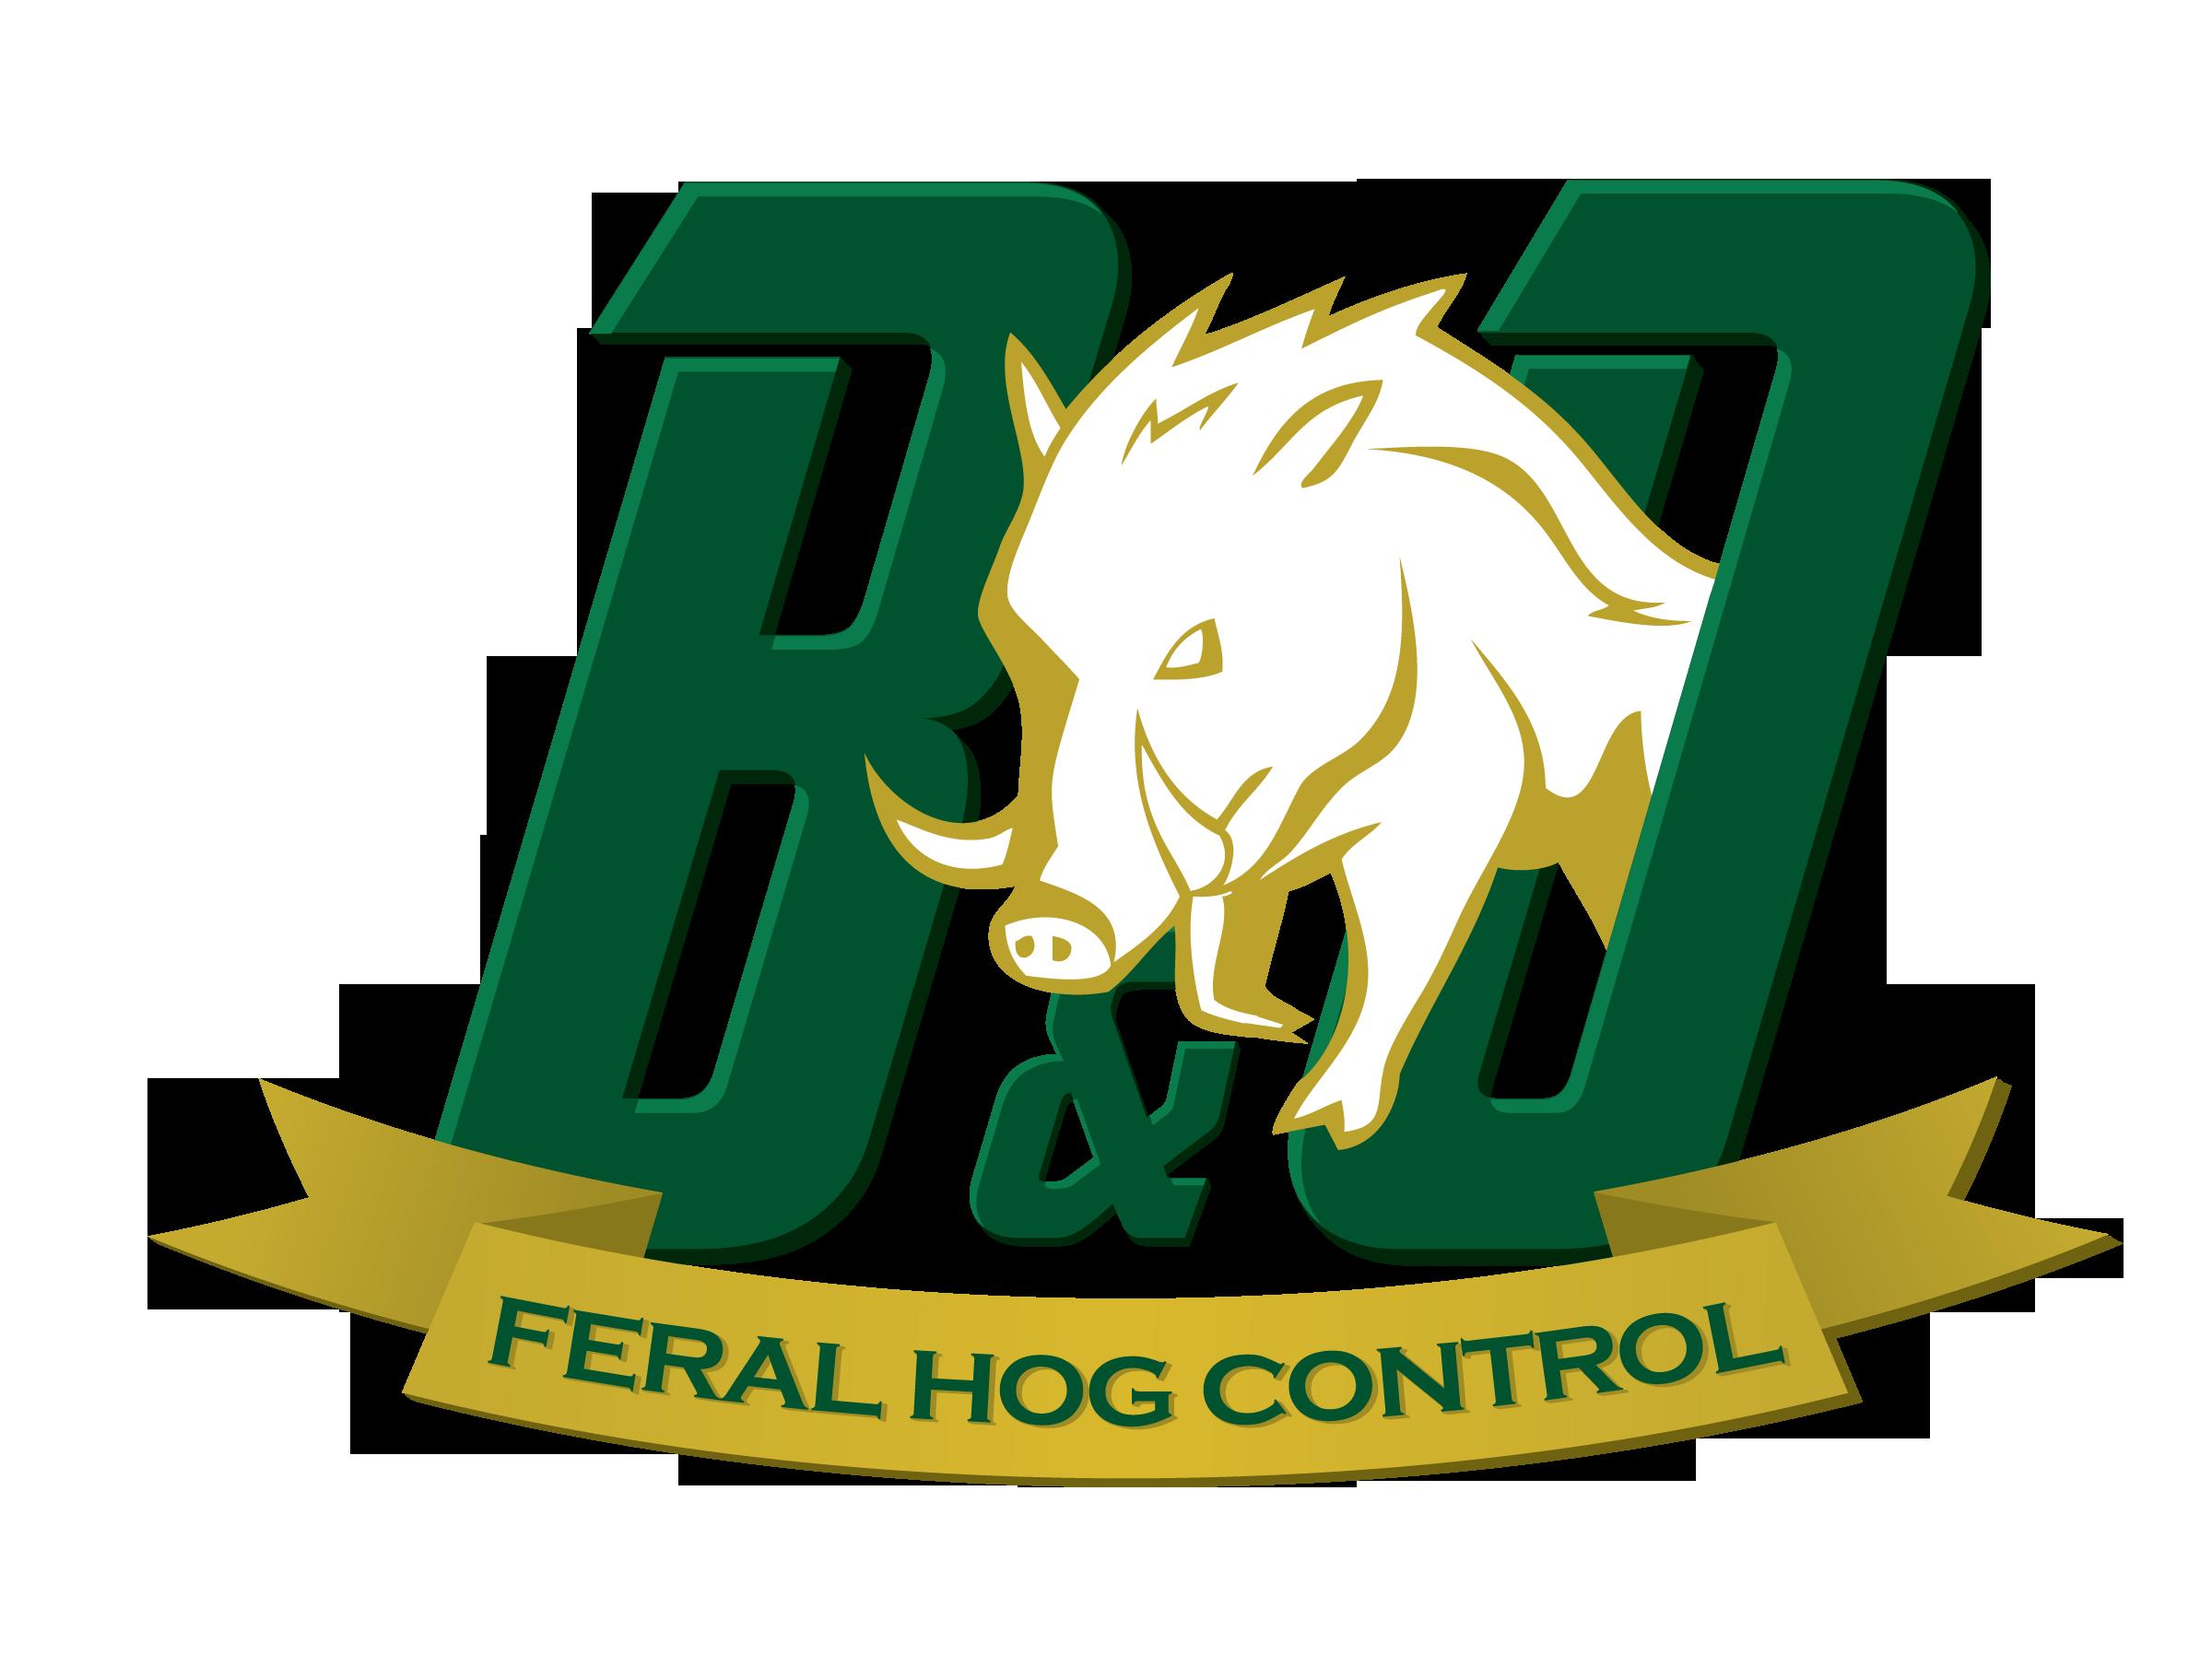 B&O Feral Hog Control logo